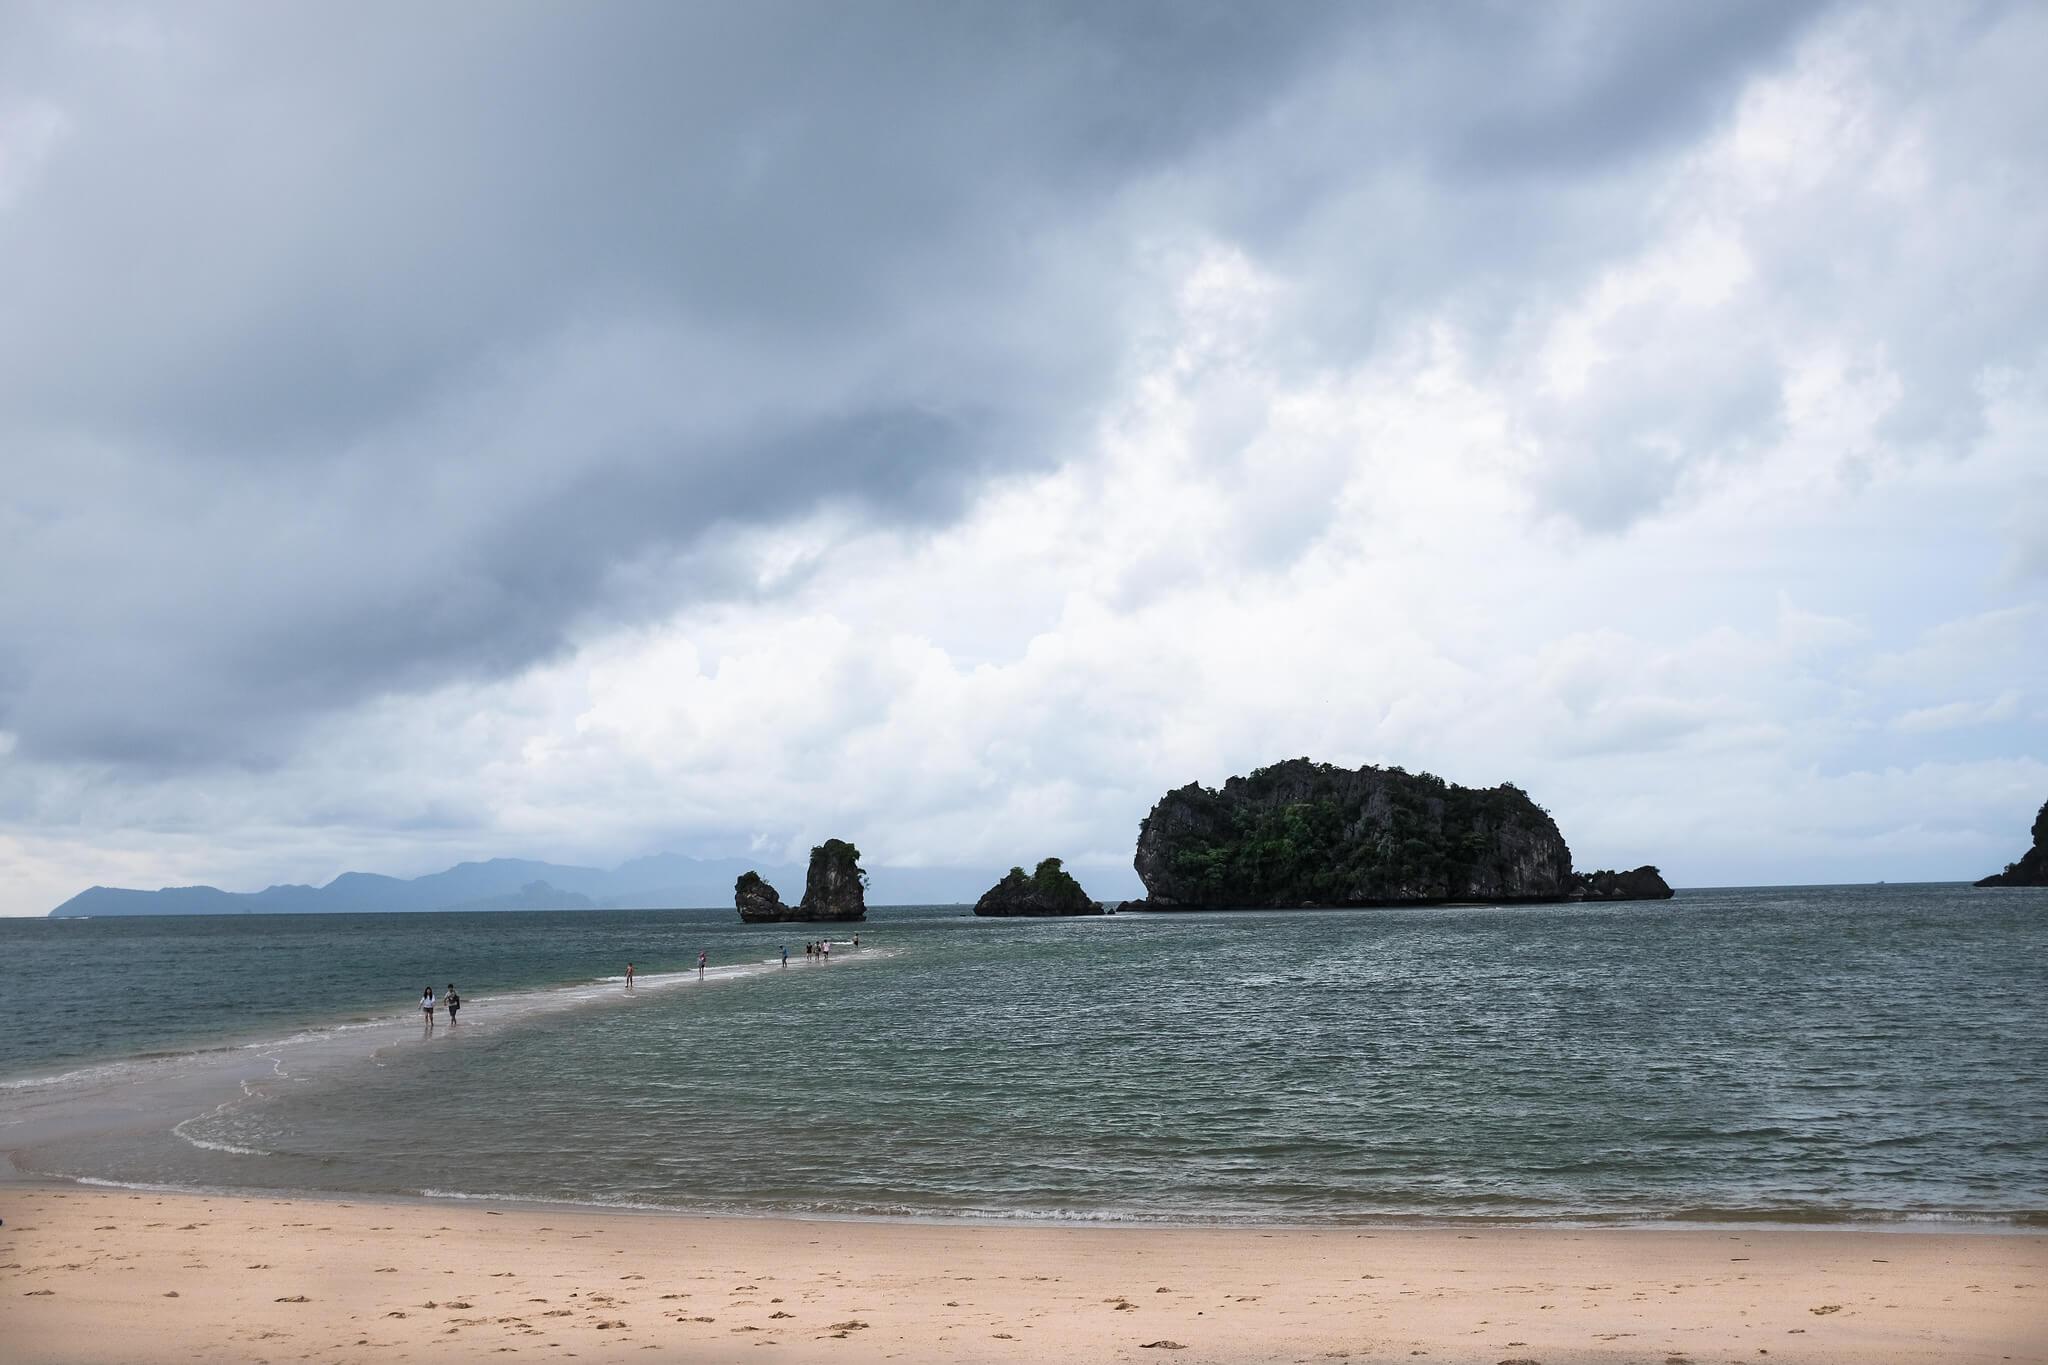 Tanjong Beach - самый тихий из трех, это место для пляжного волейбола, здесь также находится скромный пляжный клуб KM8.